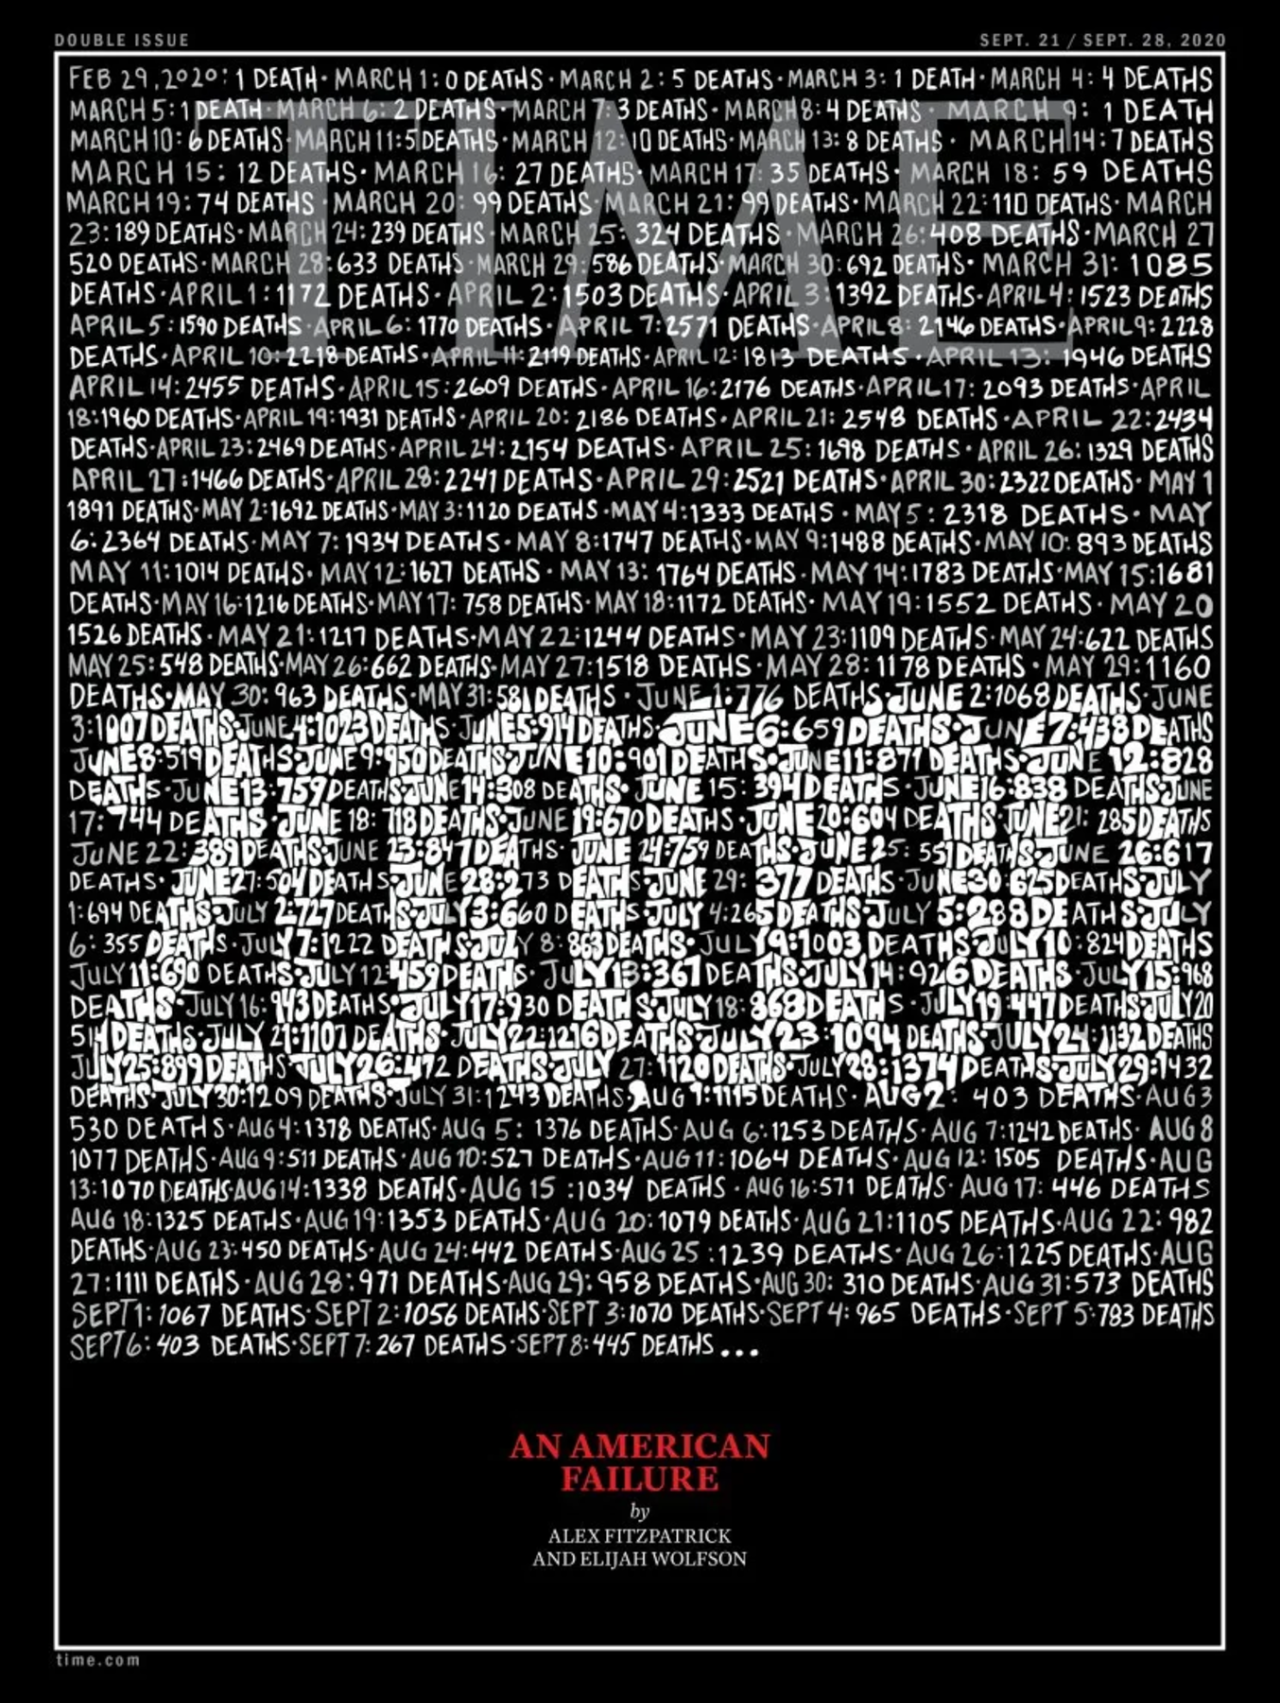 """最新一期《时代》封面,""""黑""""了……图片底部则用红色文字写着""""一次美式失败"""" 。"""